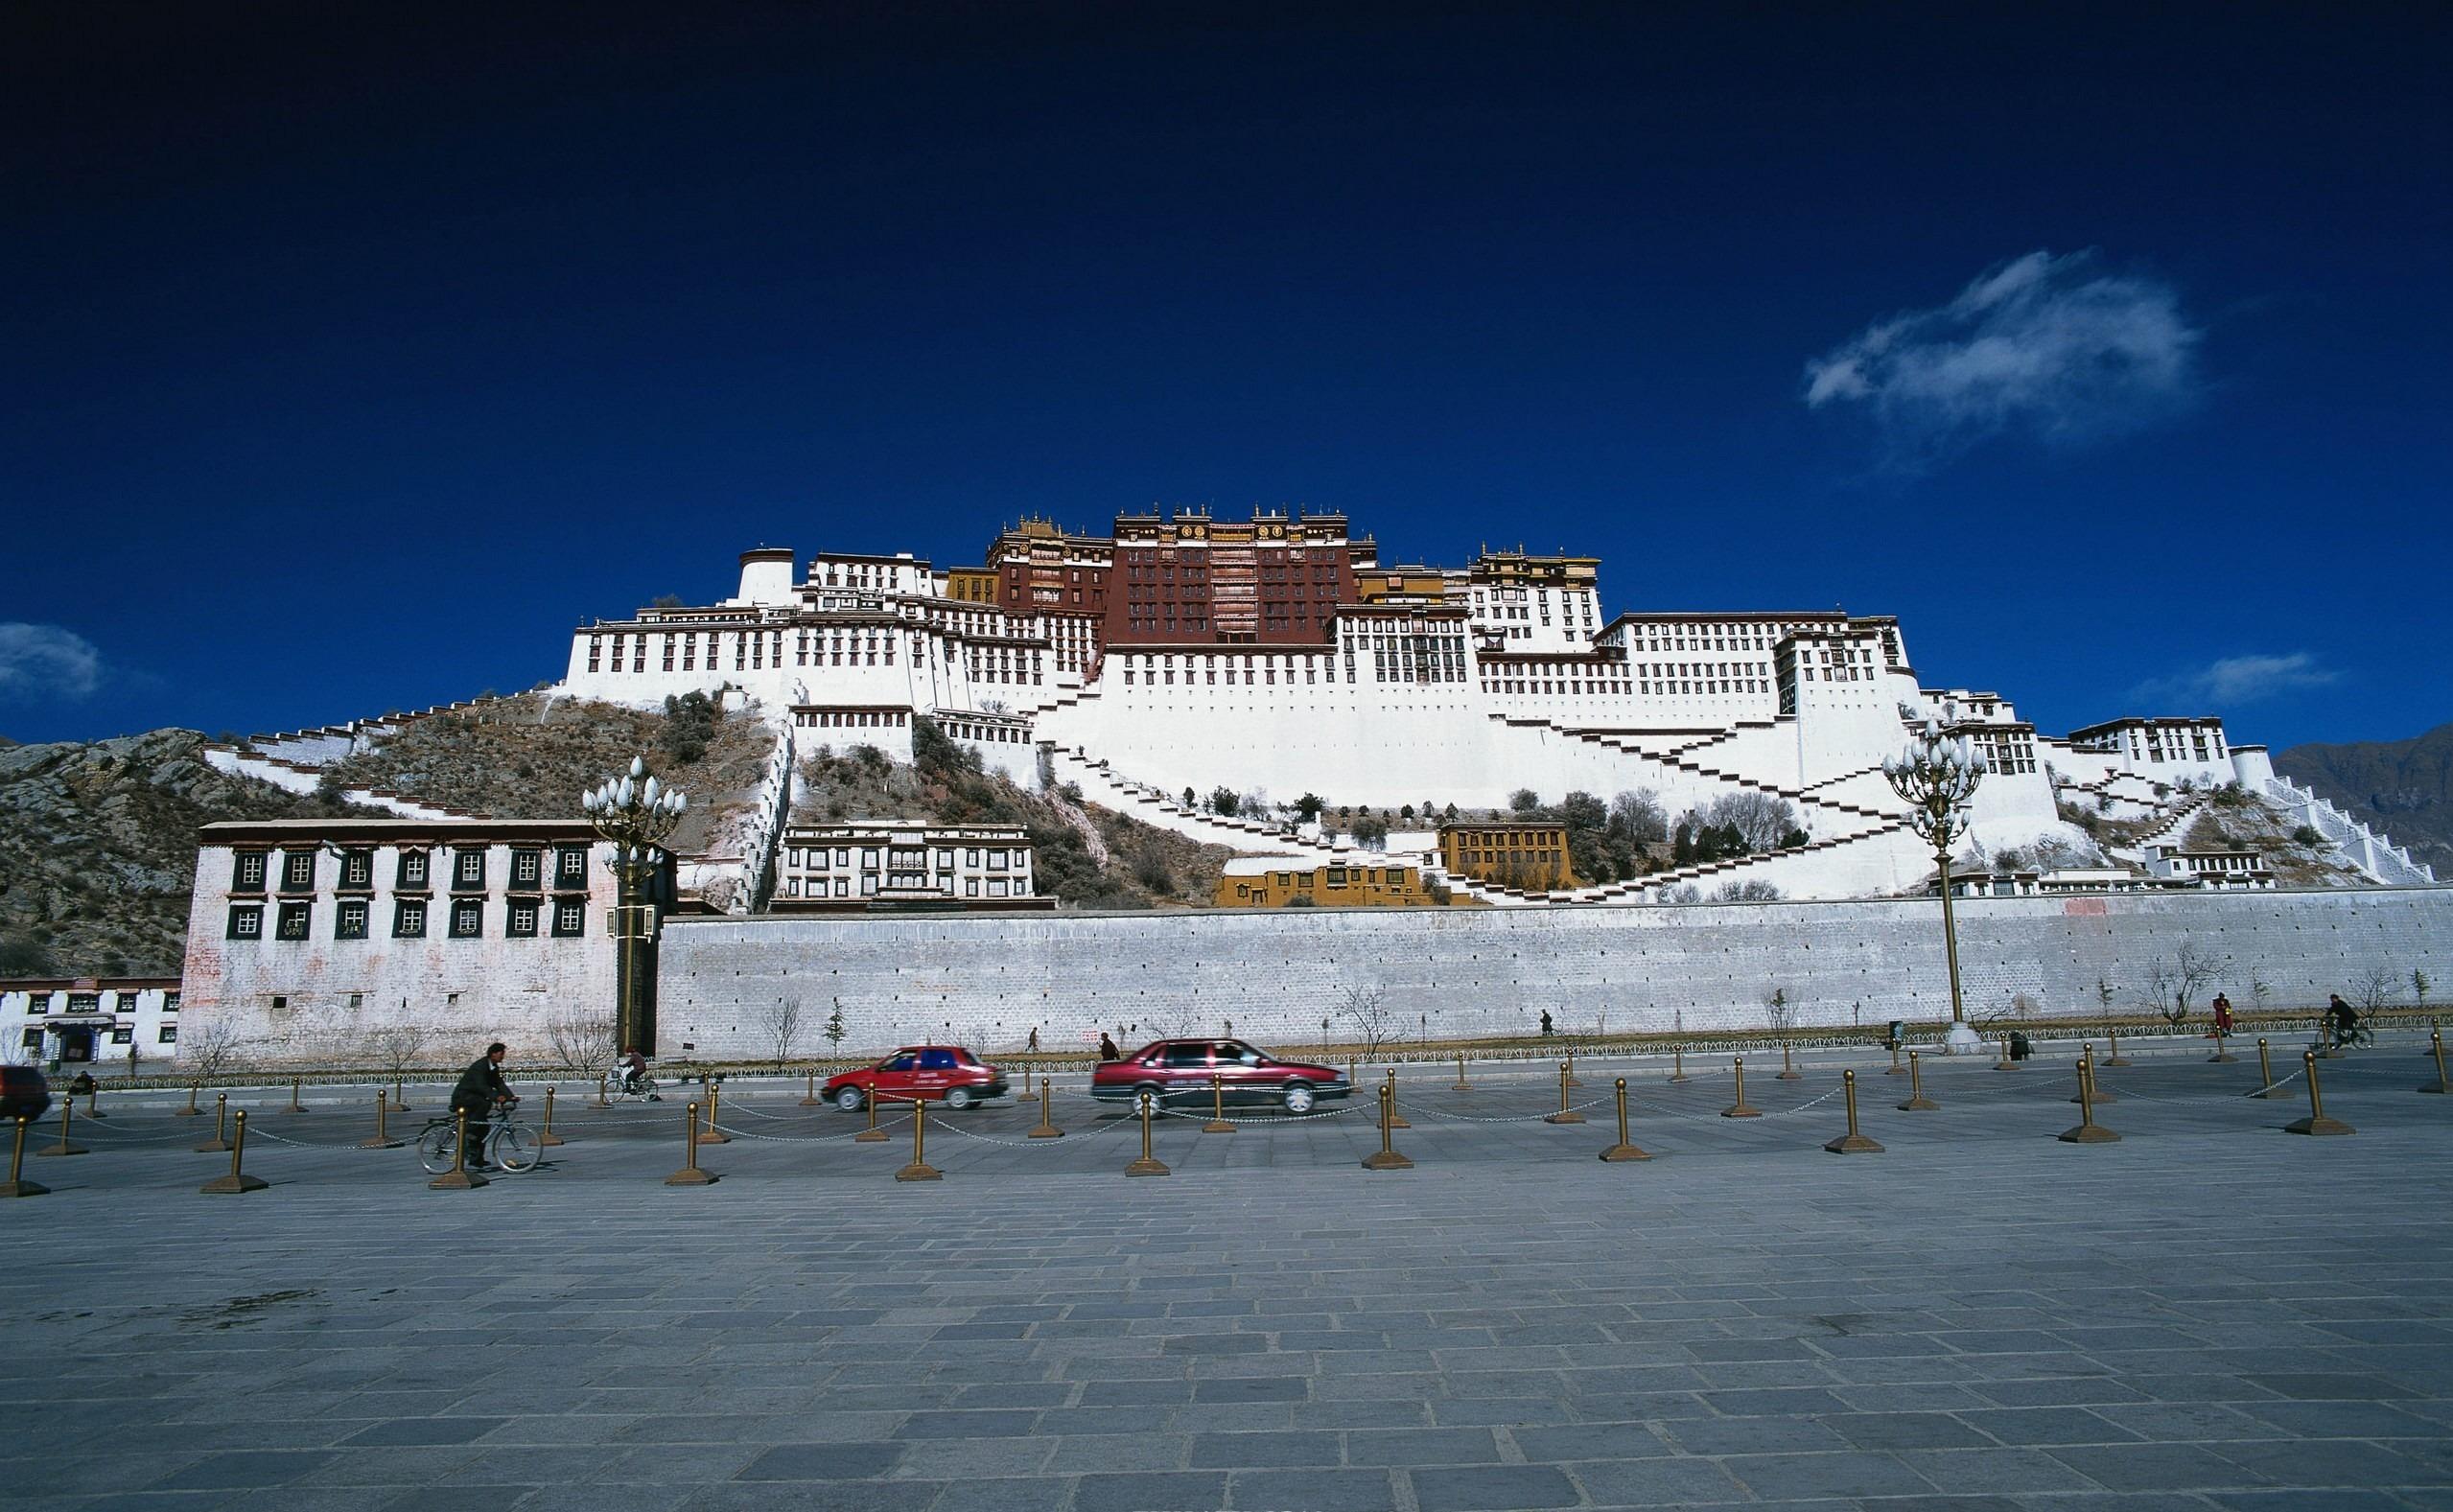 China Potala Palace 2558x1577